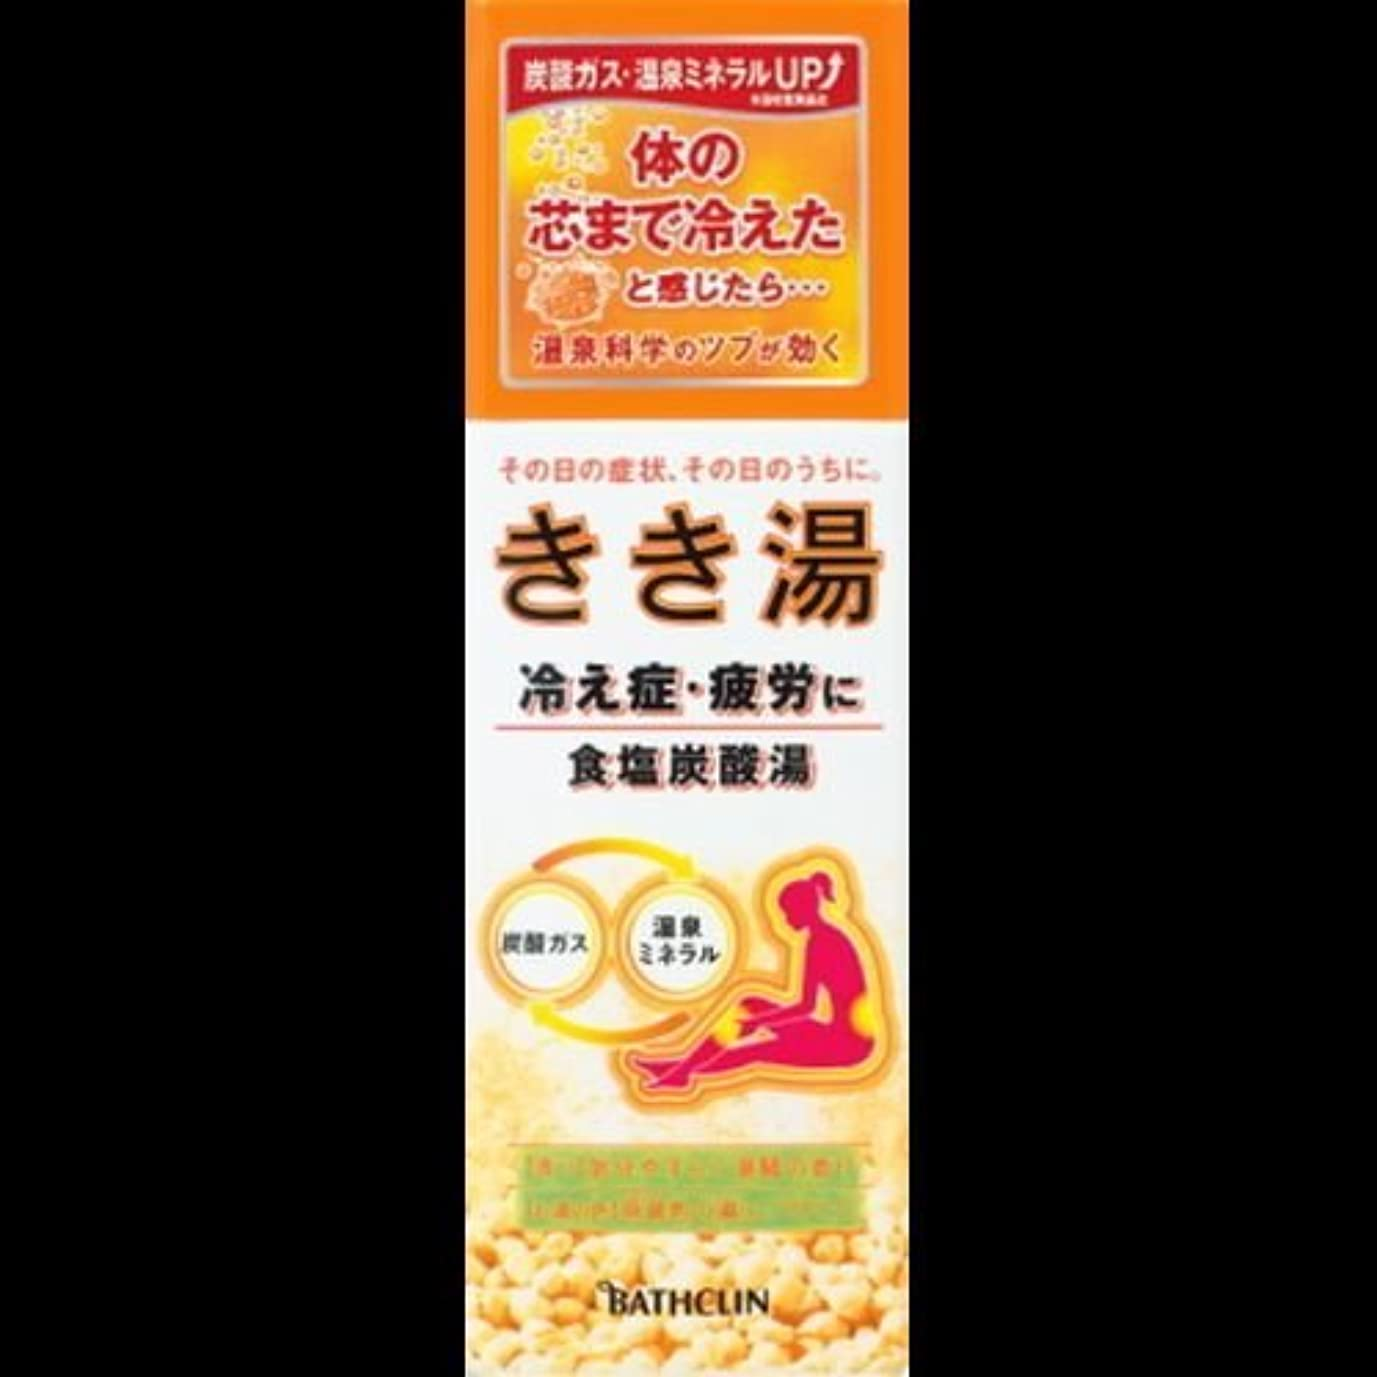 ミシン目インゲン実行【まとめ買い】きき湯 食塩炭酸湯 気分やすらぐ潮騒の香り萌黄色の湯(にごりタイプ) 360g ×2セット